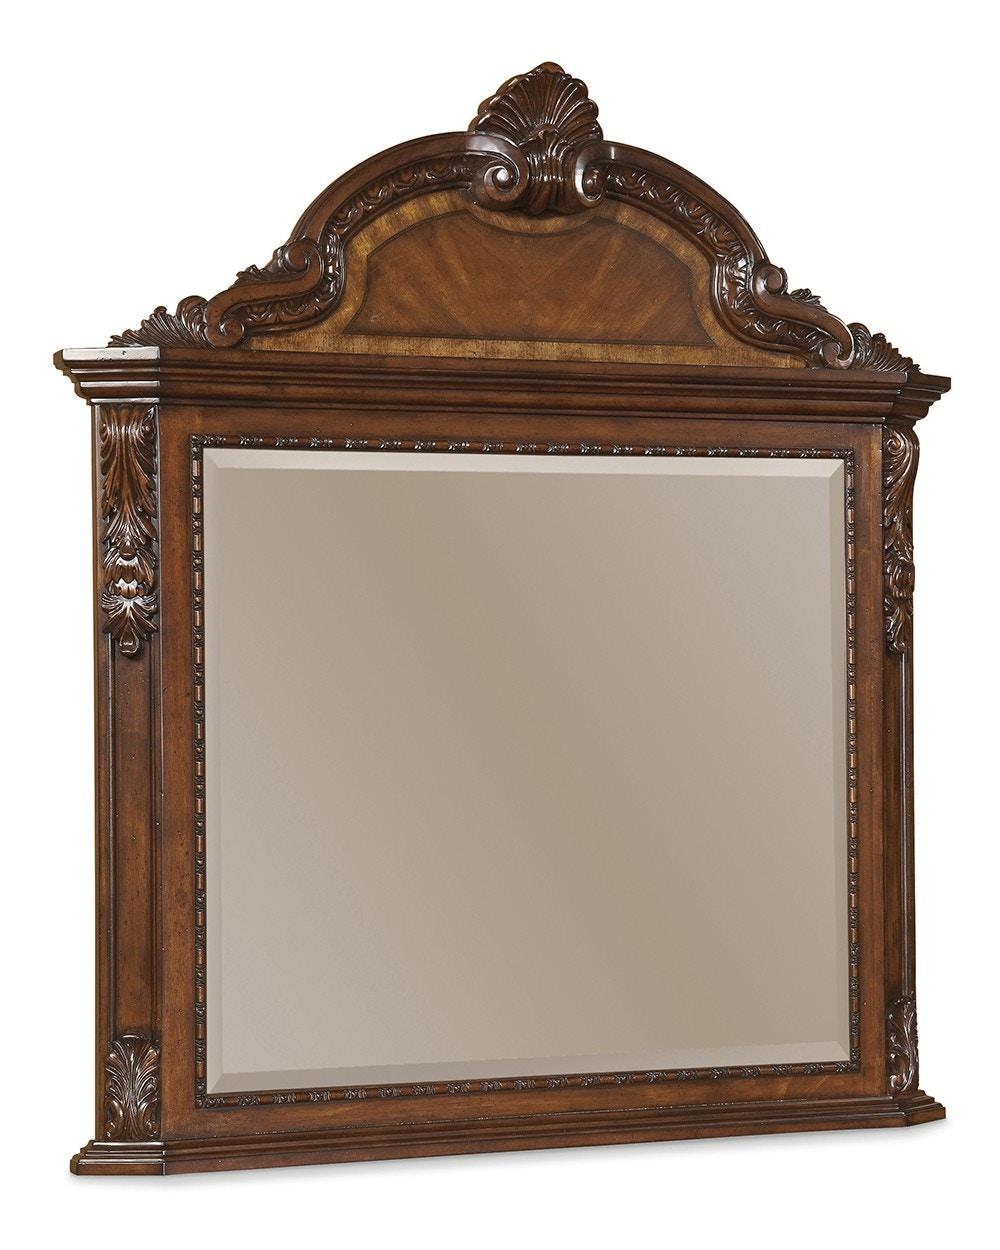 ART Furniture Old World Crowned Landscape Mirror 143121 2606